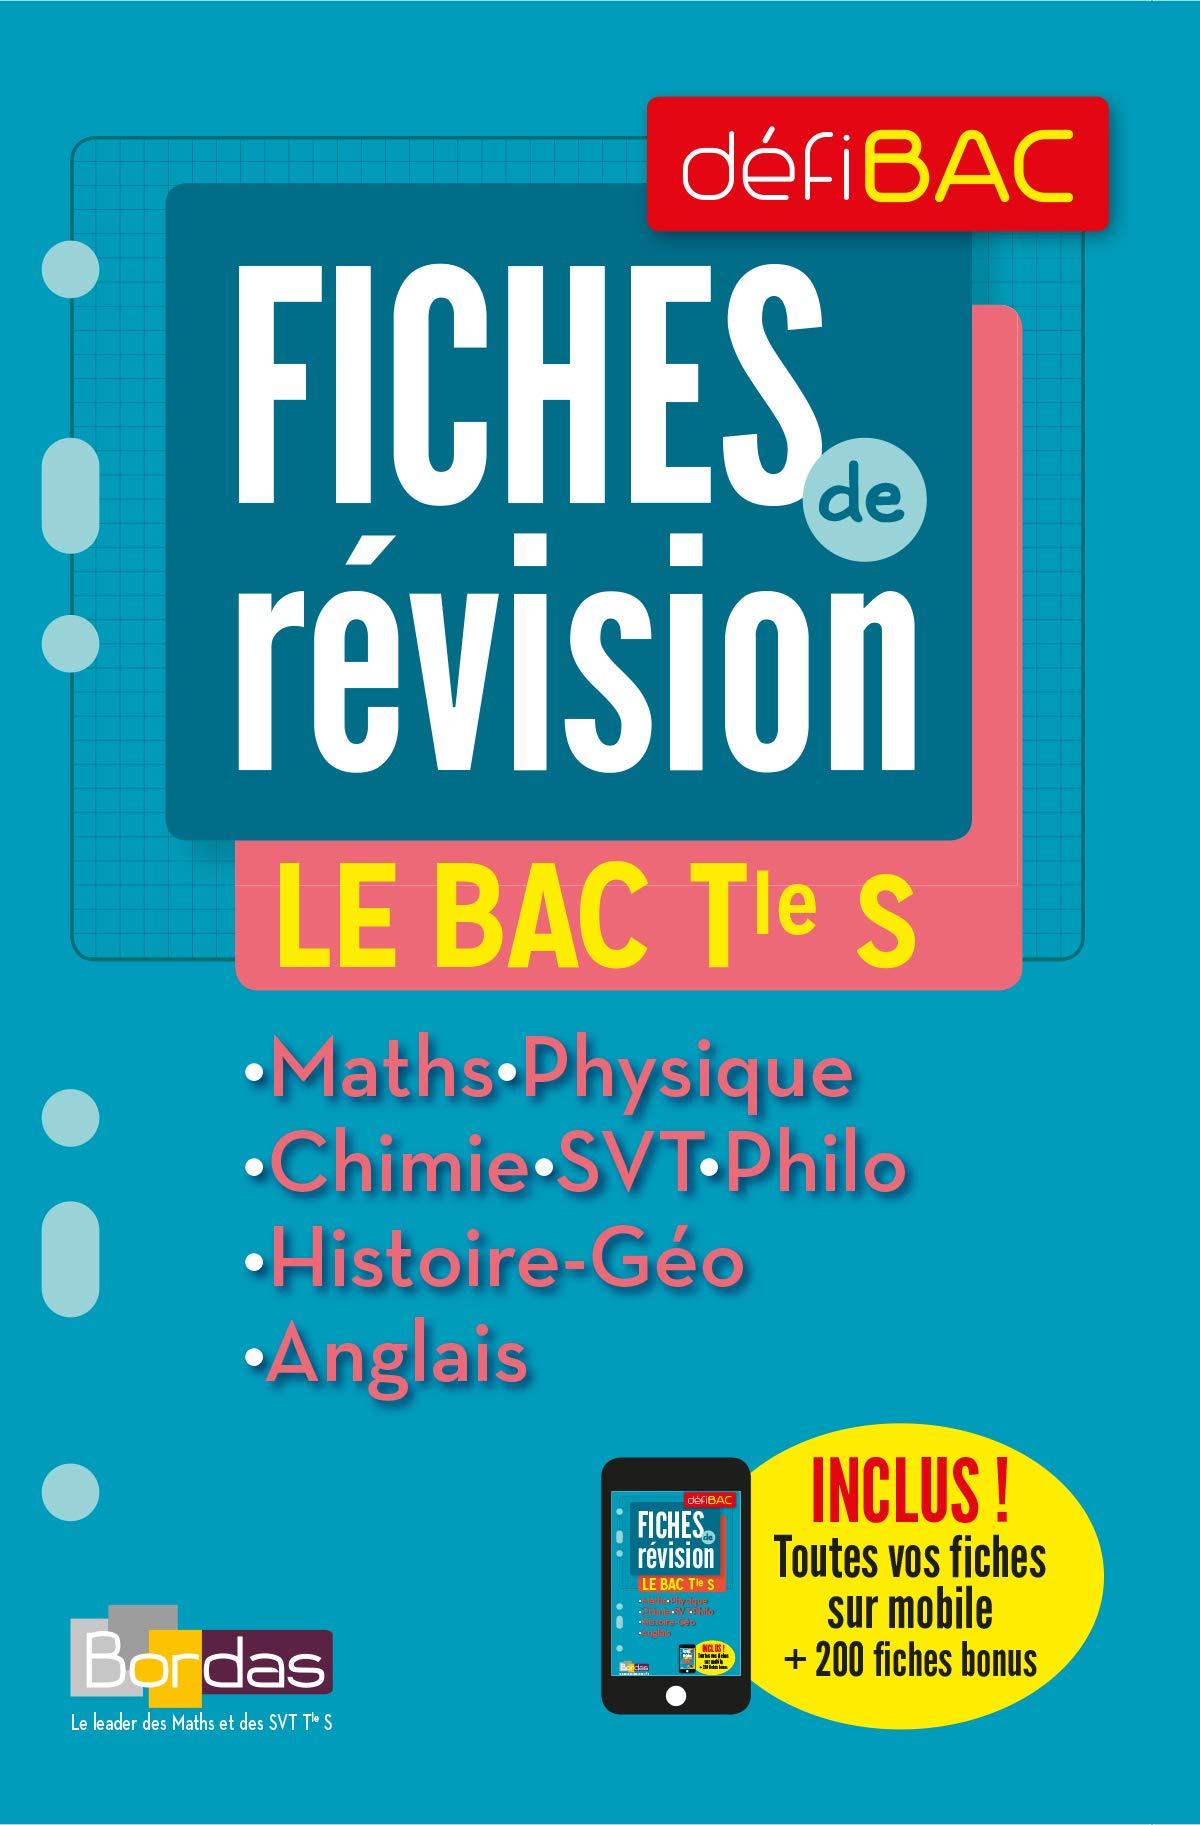 Defibac Compilation Fiches de Révision le Bac Tle S Défibac: Amazon.es: Collectif, Catherine Lebert, Paul Lienhard, Anne Mingalon, Anne-Sophie Caveau: ...